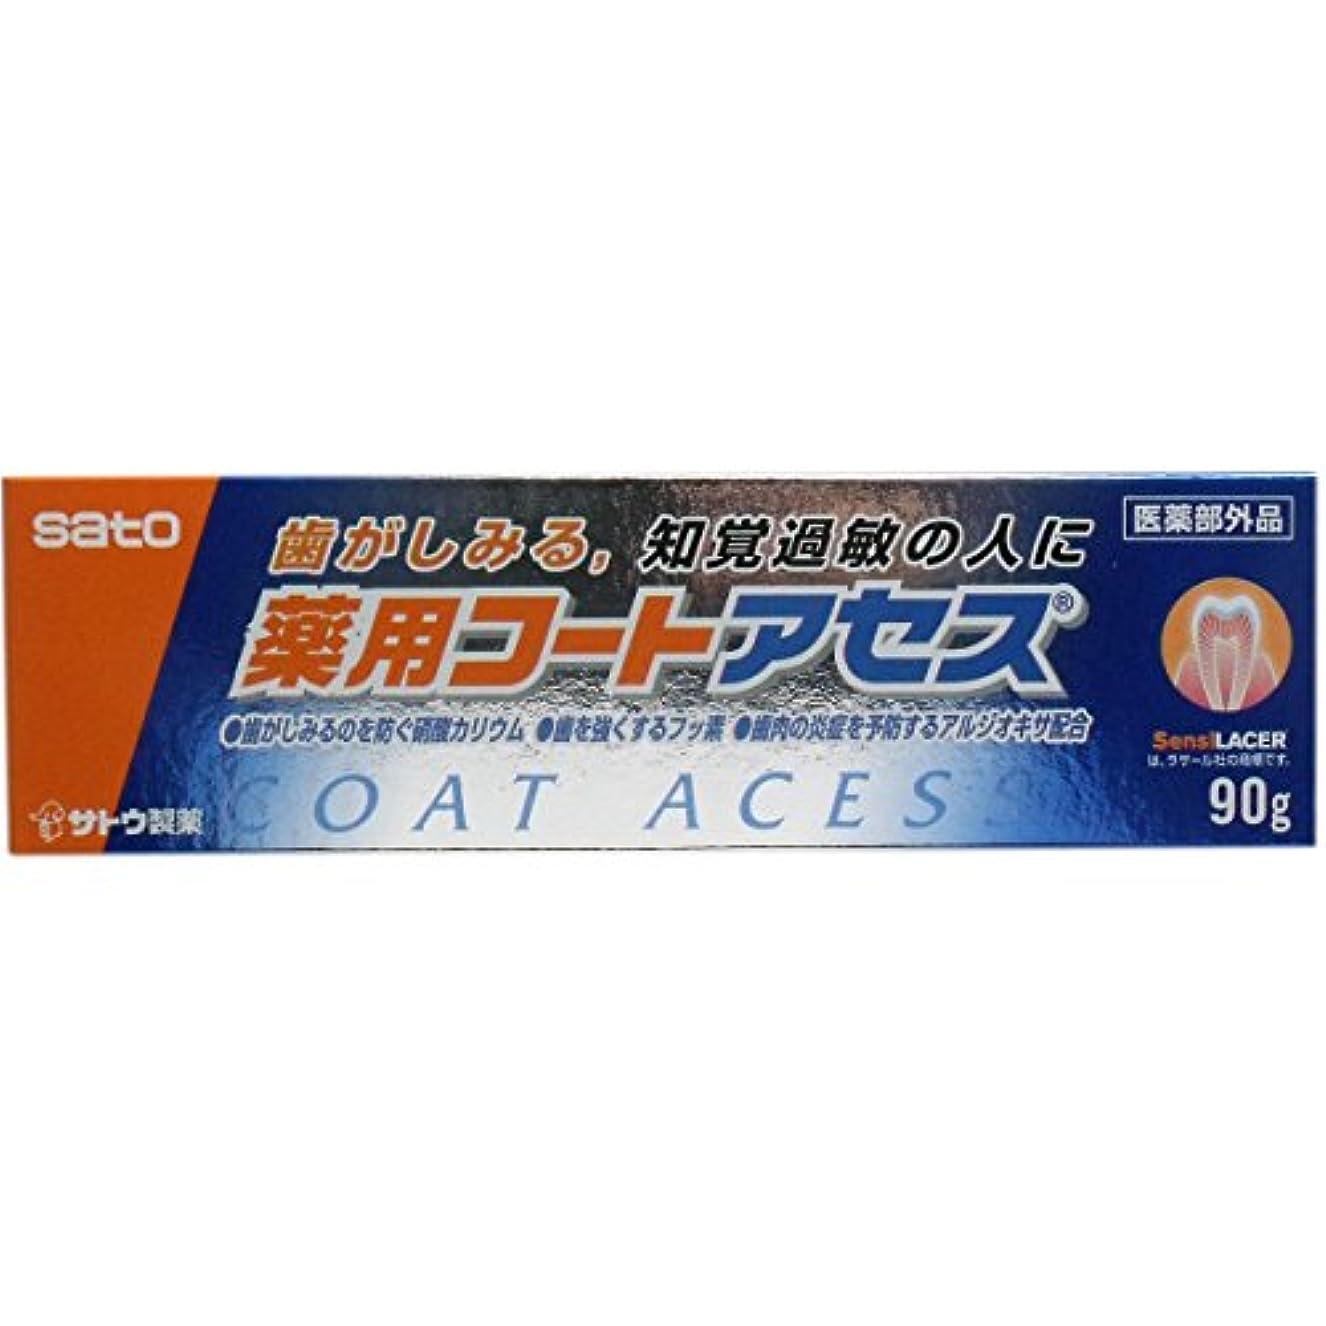 干渉する迫害する栄光のサトウ製薬 薬用コートアセス 薬用歯みがき 90g ×8個セット